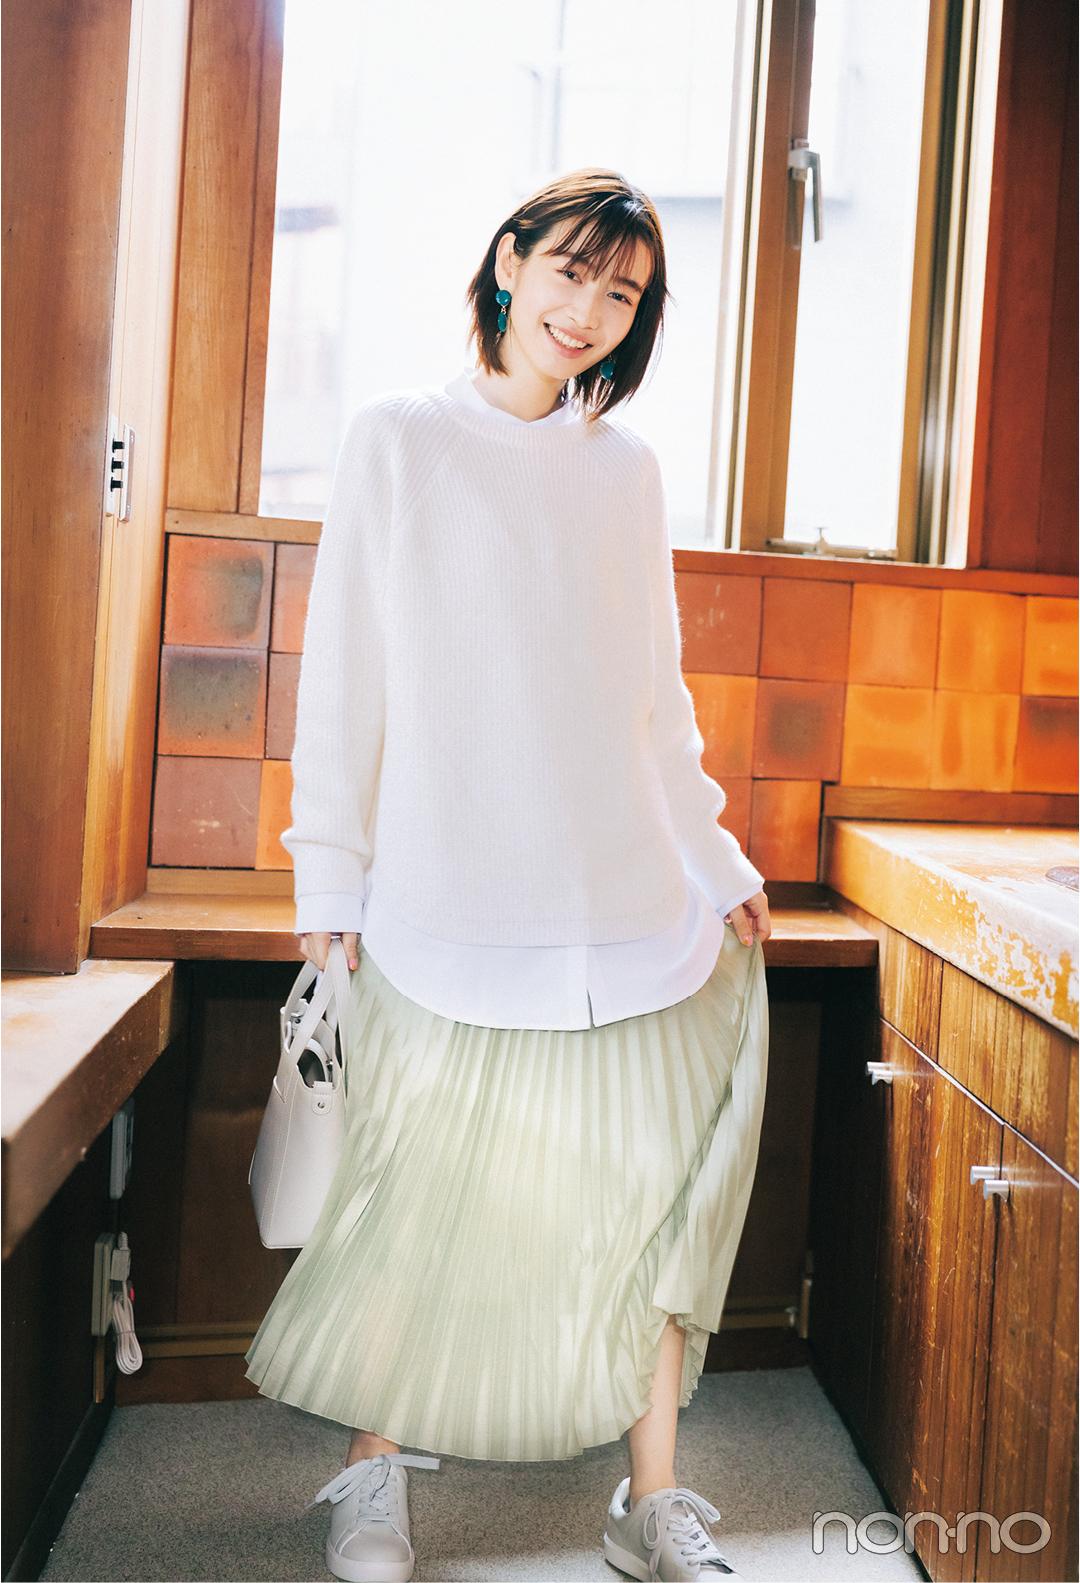 【GU春新作】プチプラで細見えもトレンド感も叶うスカート_1_4